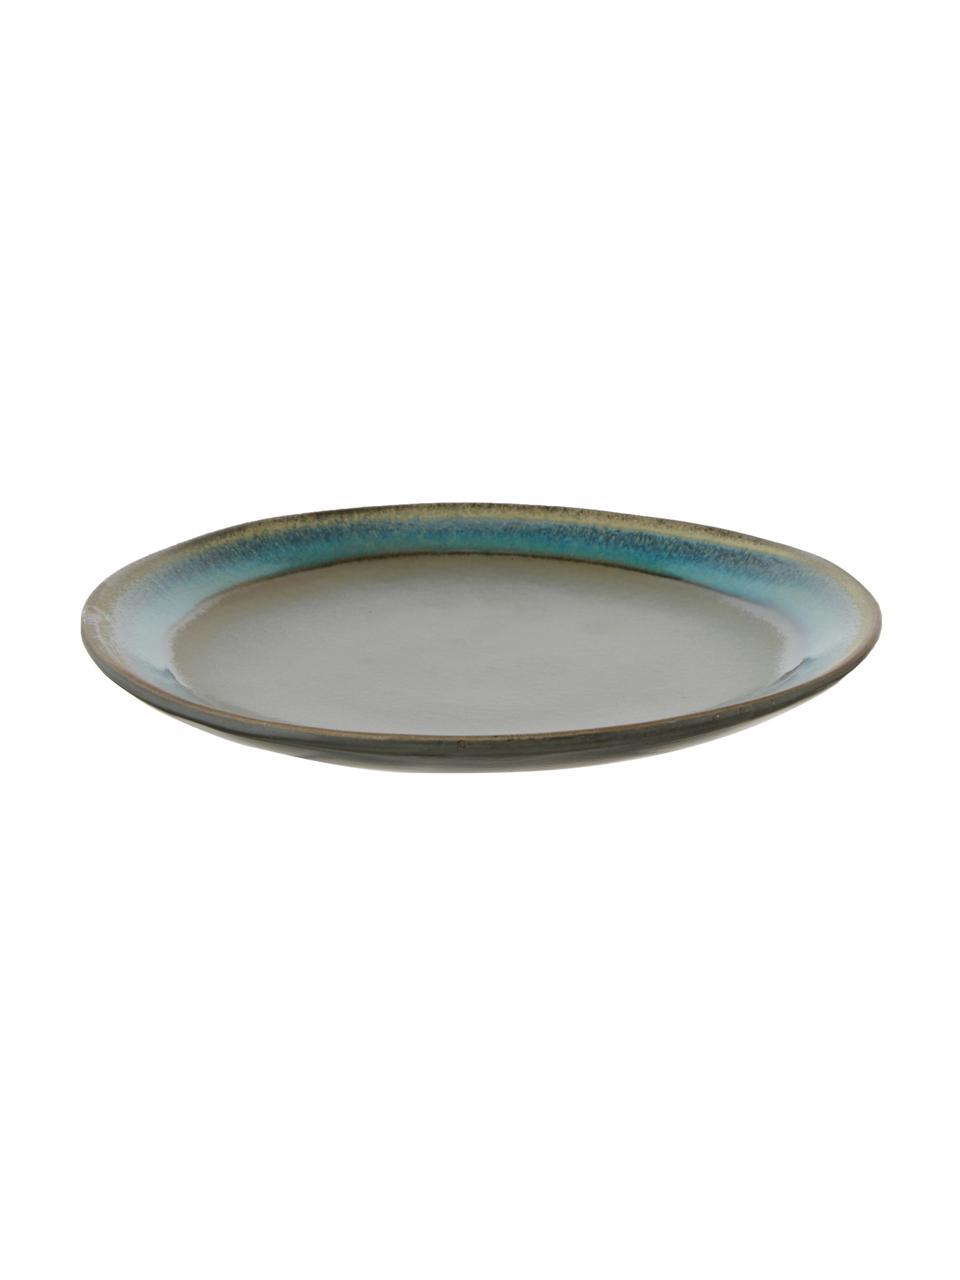 Piatto piano retrò fatto a mano 70's 2 pz, Ceramica, Tonalità blu, tonalità verdi, Ø 18 cm